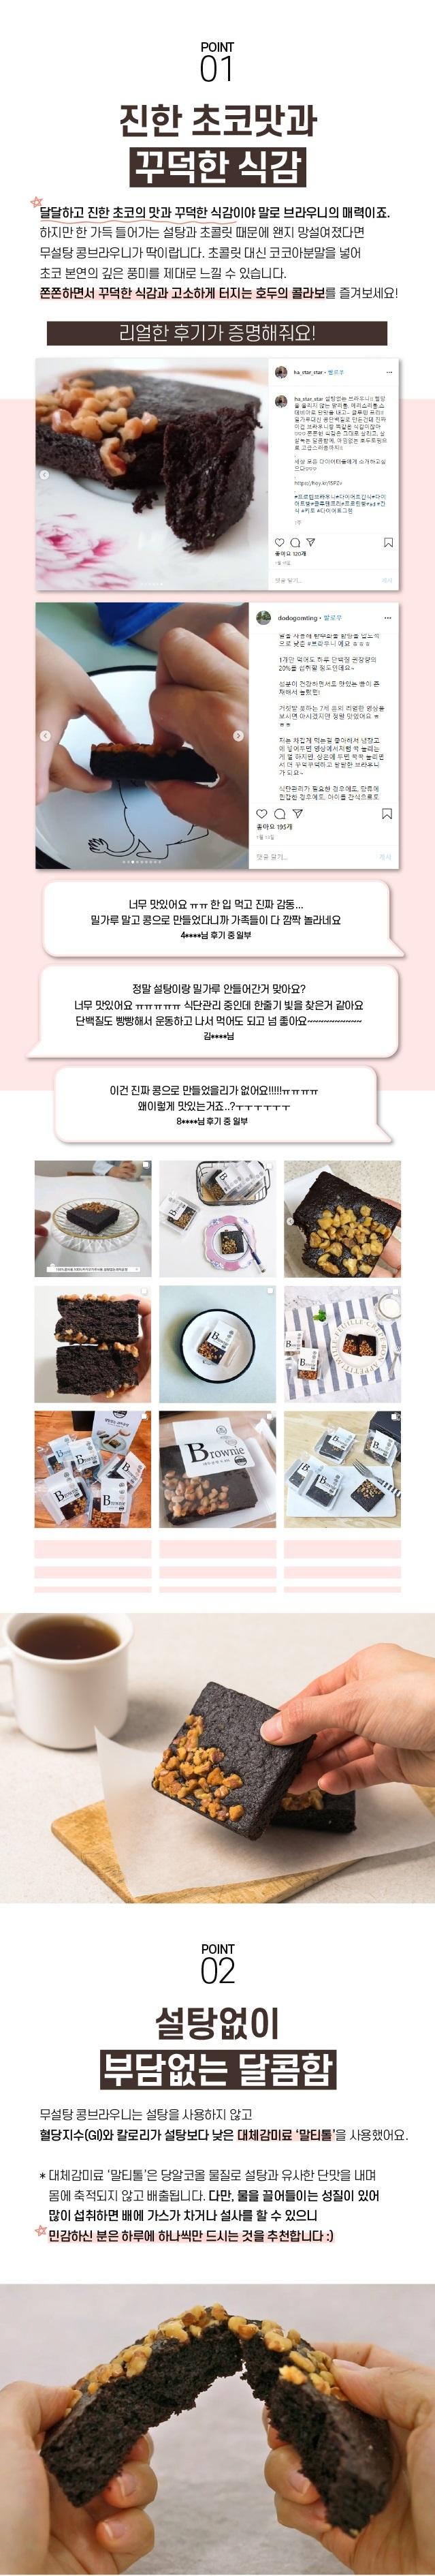 무설탕 콩브라우니 체험단 모집 (10.23~11.05)